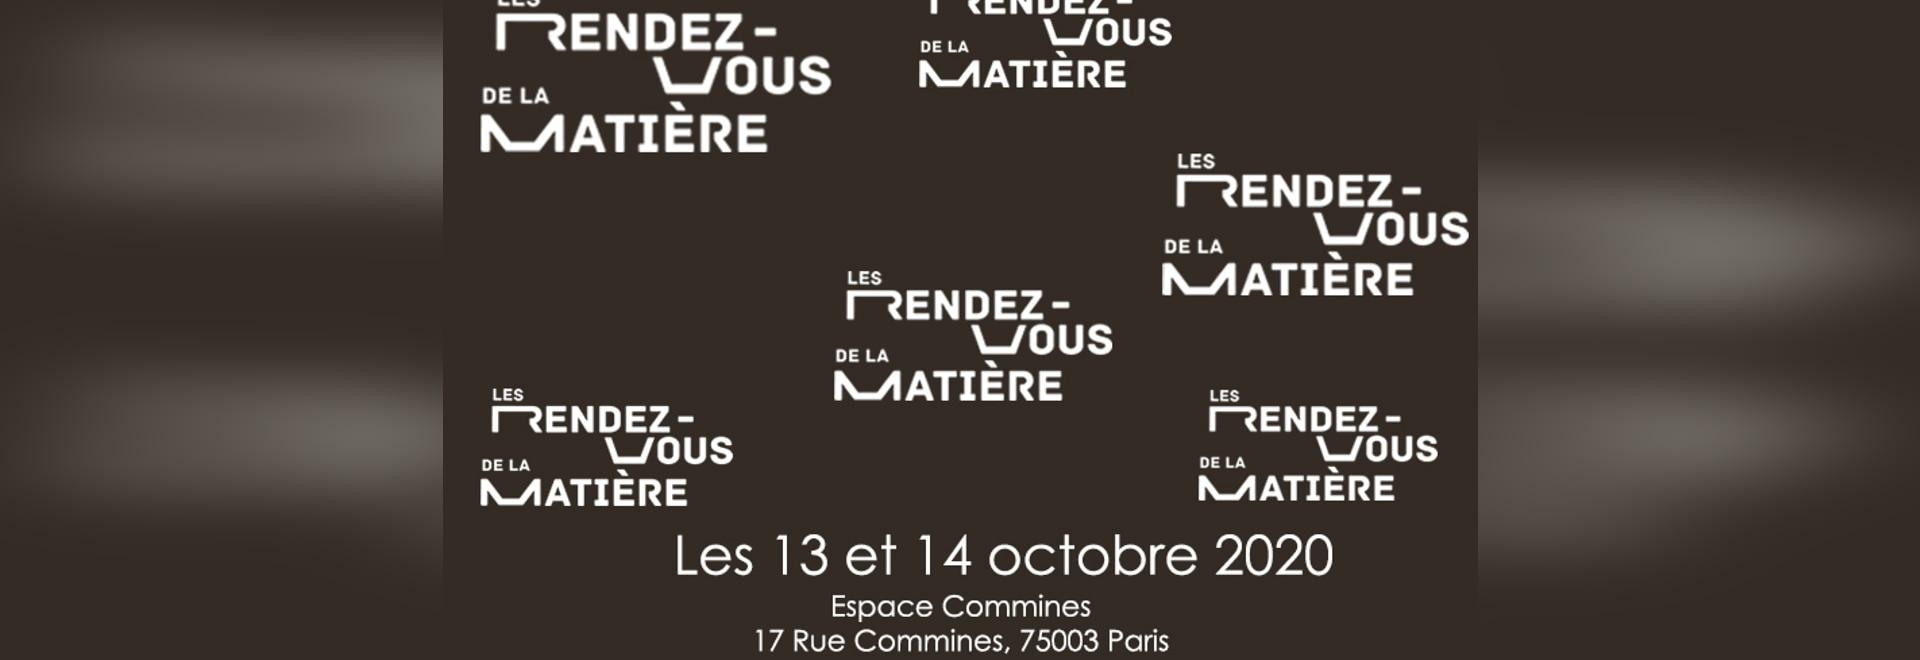 Fachmesse RDV de la matiere von 13 bis 14 oktober 2020 in France